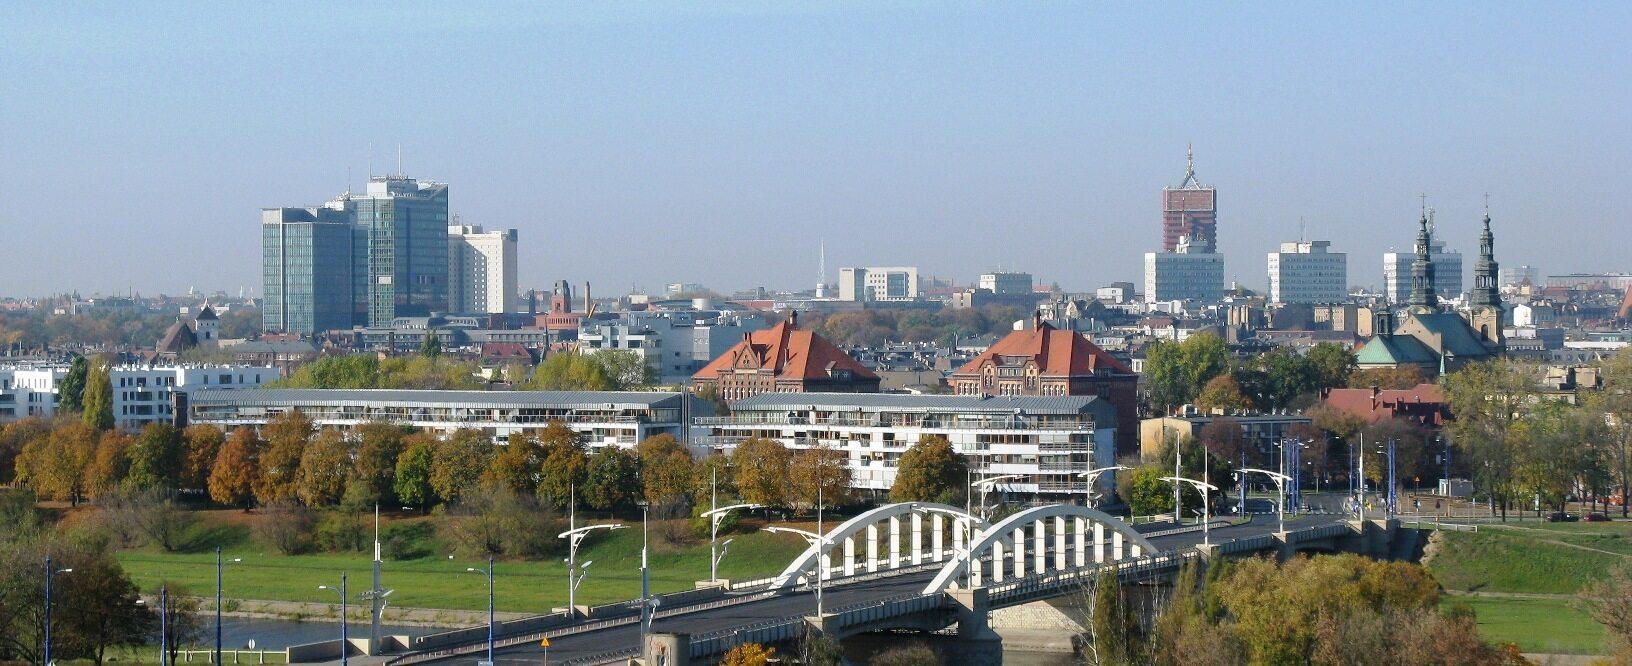 Ministerstwo zdrowia: 17. przypadek koronawirusa w Polsce